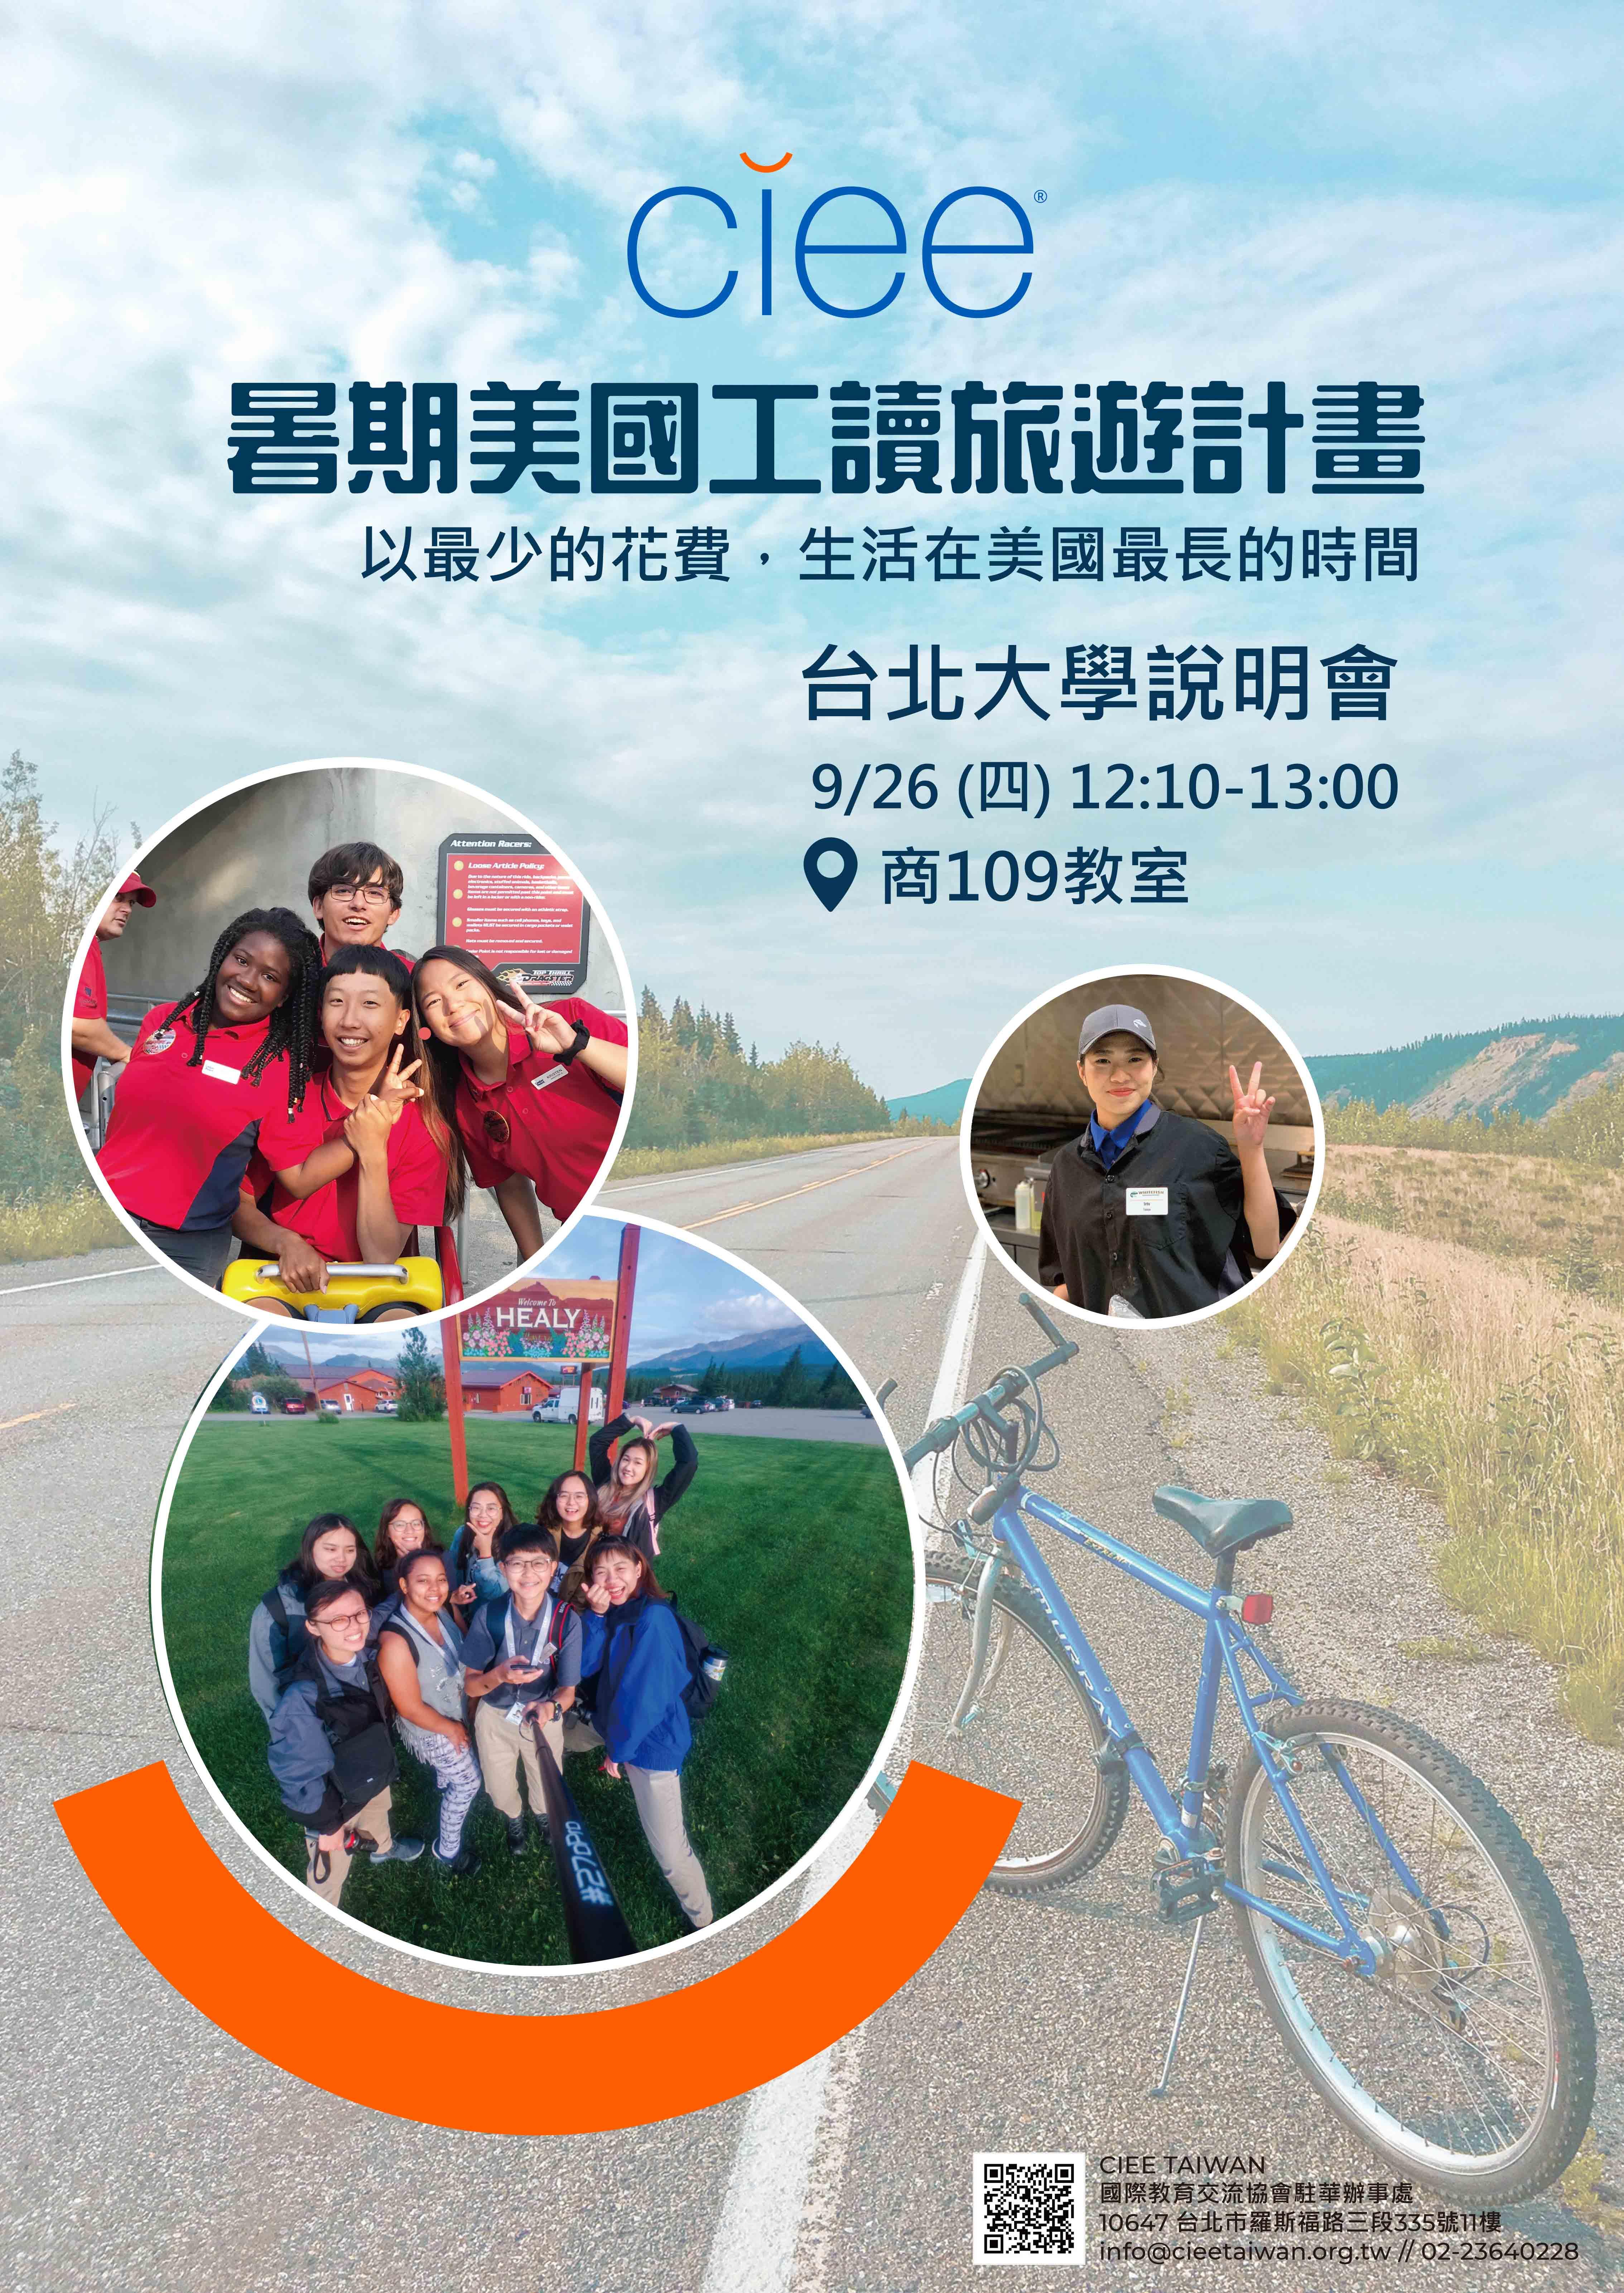 國立臺北大學‧今日活動看板‧2020暑期美國工讀旅遊計畫說明會